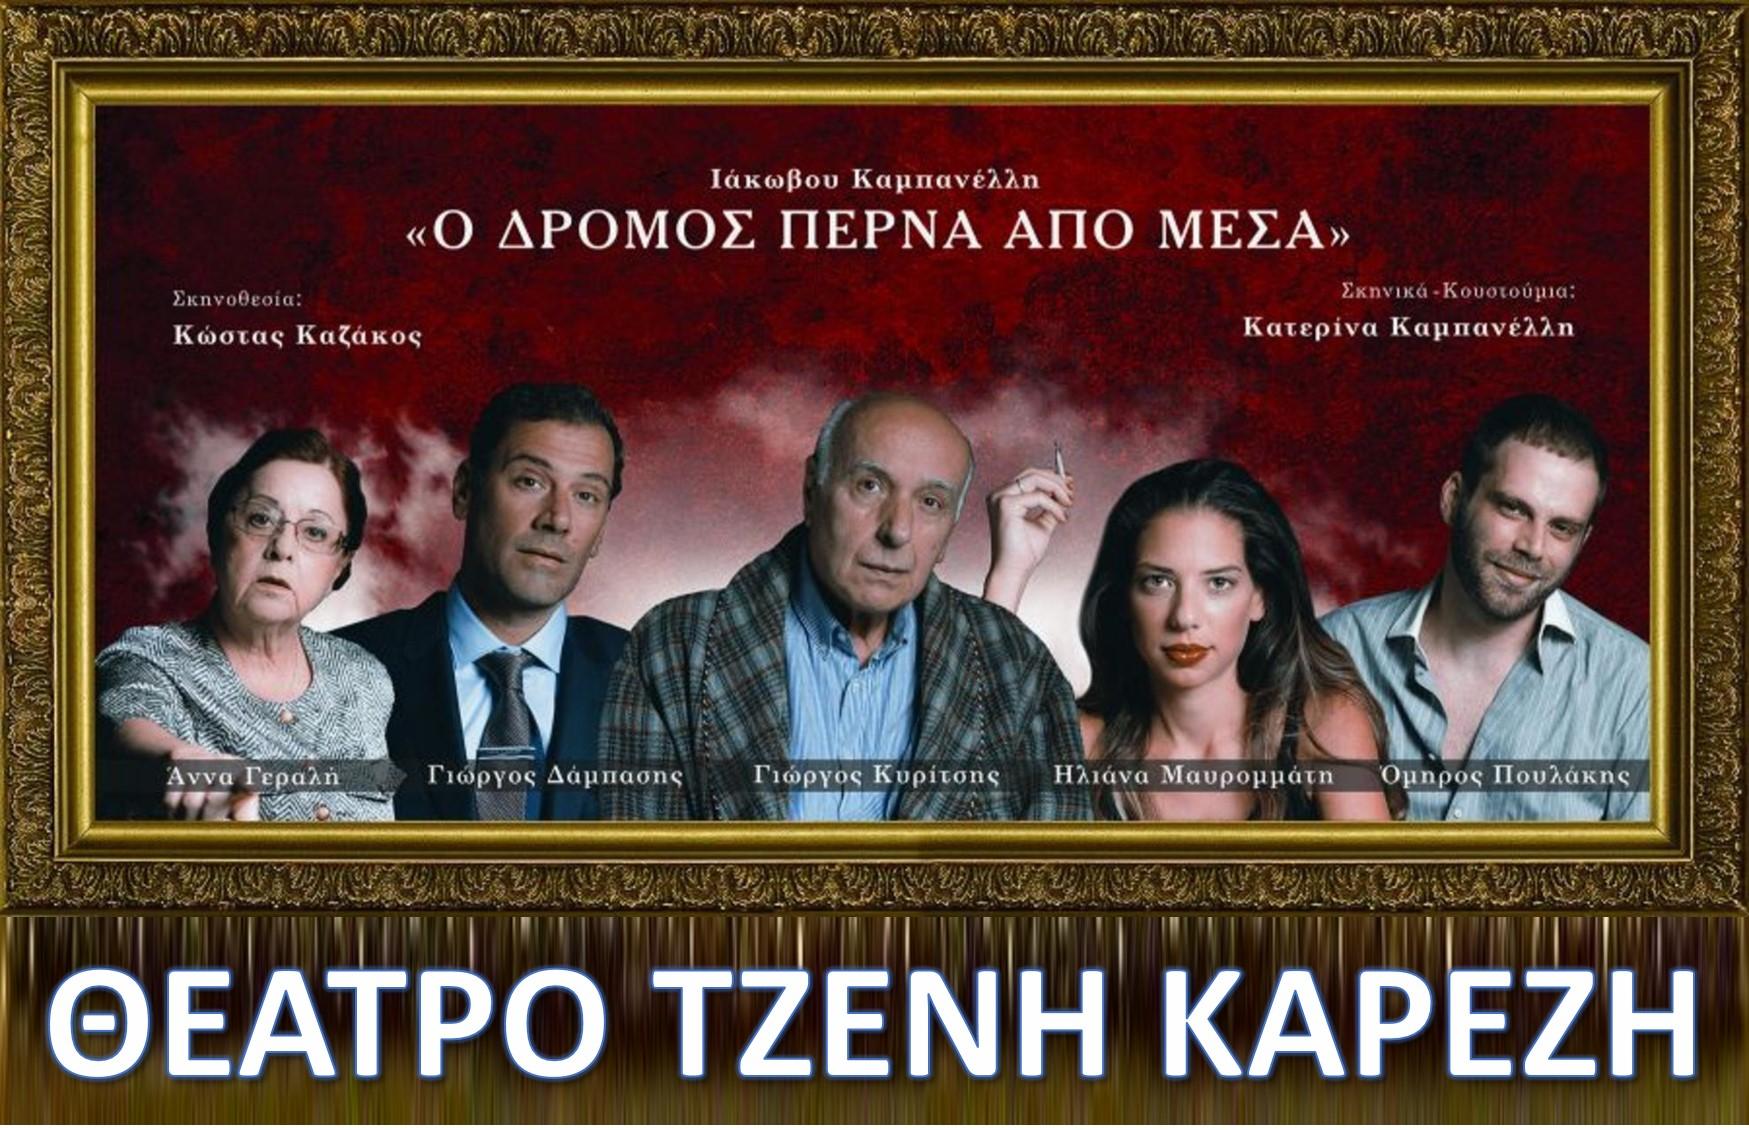 10€ από 18€ για είσοδο στην εμβληματική παράσταση ''Ο Δρόμος Περνά από Μέσα'' του Ιάκωβου Καμπανέλλη, σε σκηνοθεσία Κώστα Καζάκου, στο θέατρο ''Τζένη Καρέζη''!